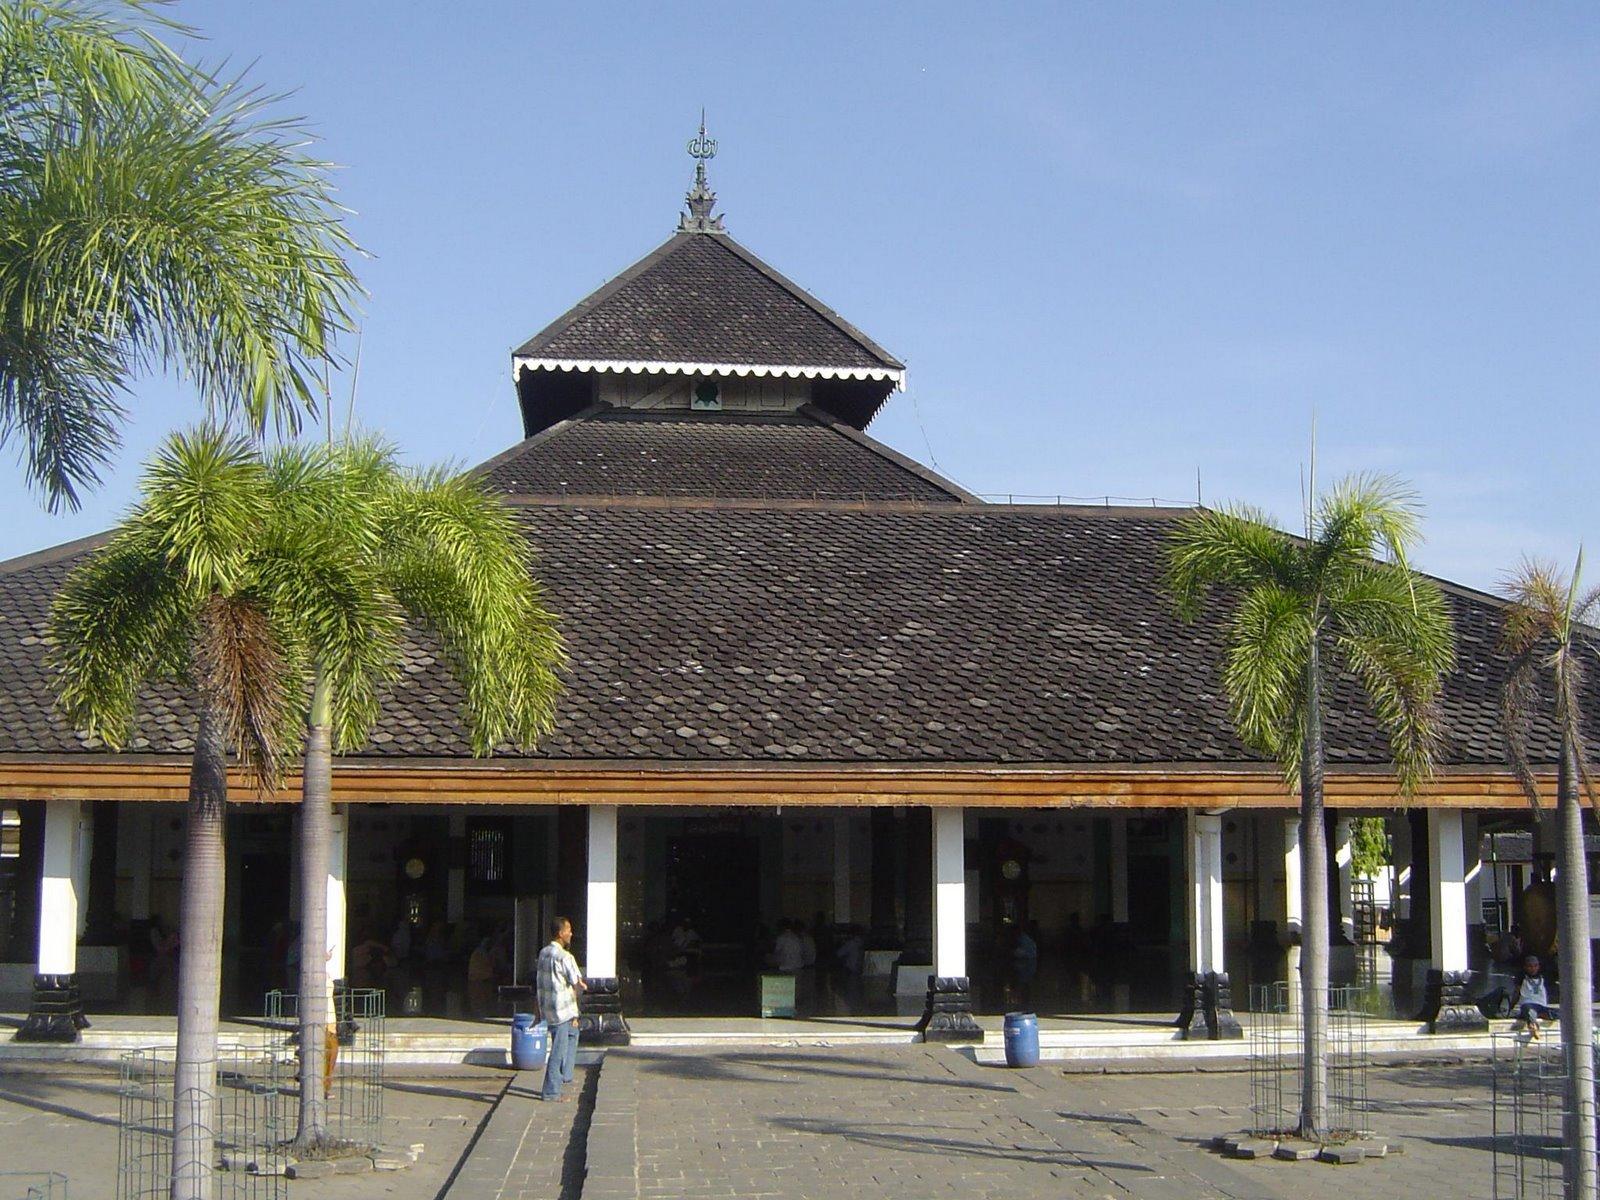 masjid agung demak masjid tertua di pulau jawa ini terletak di pusat